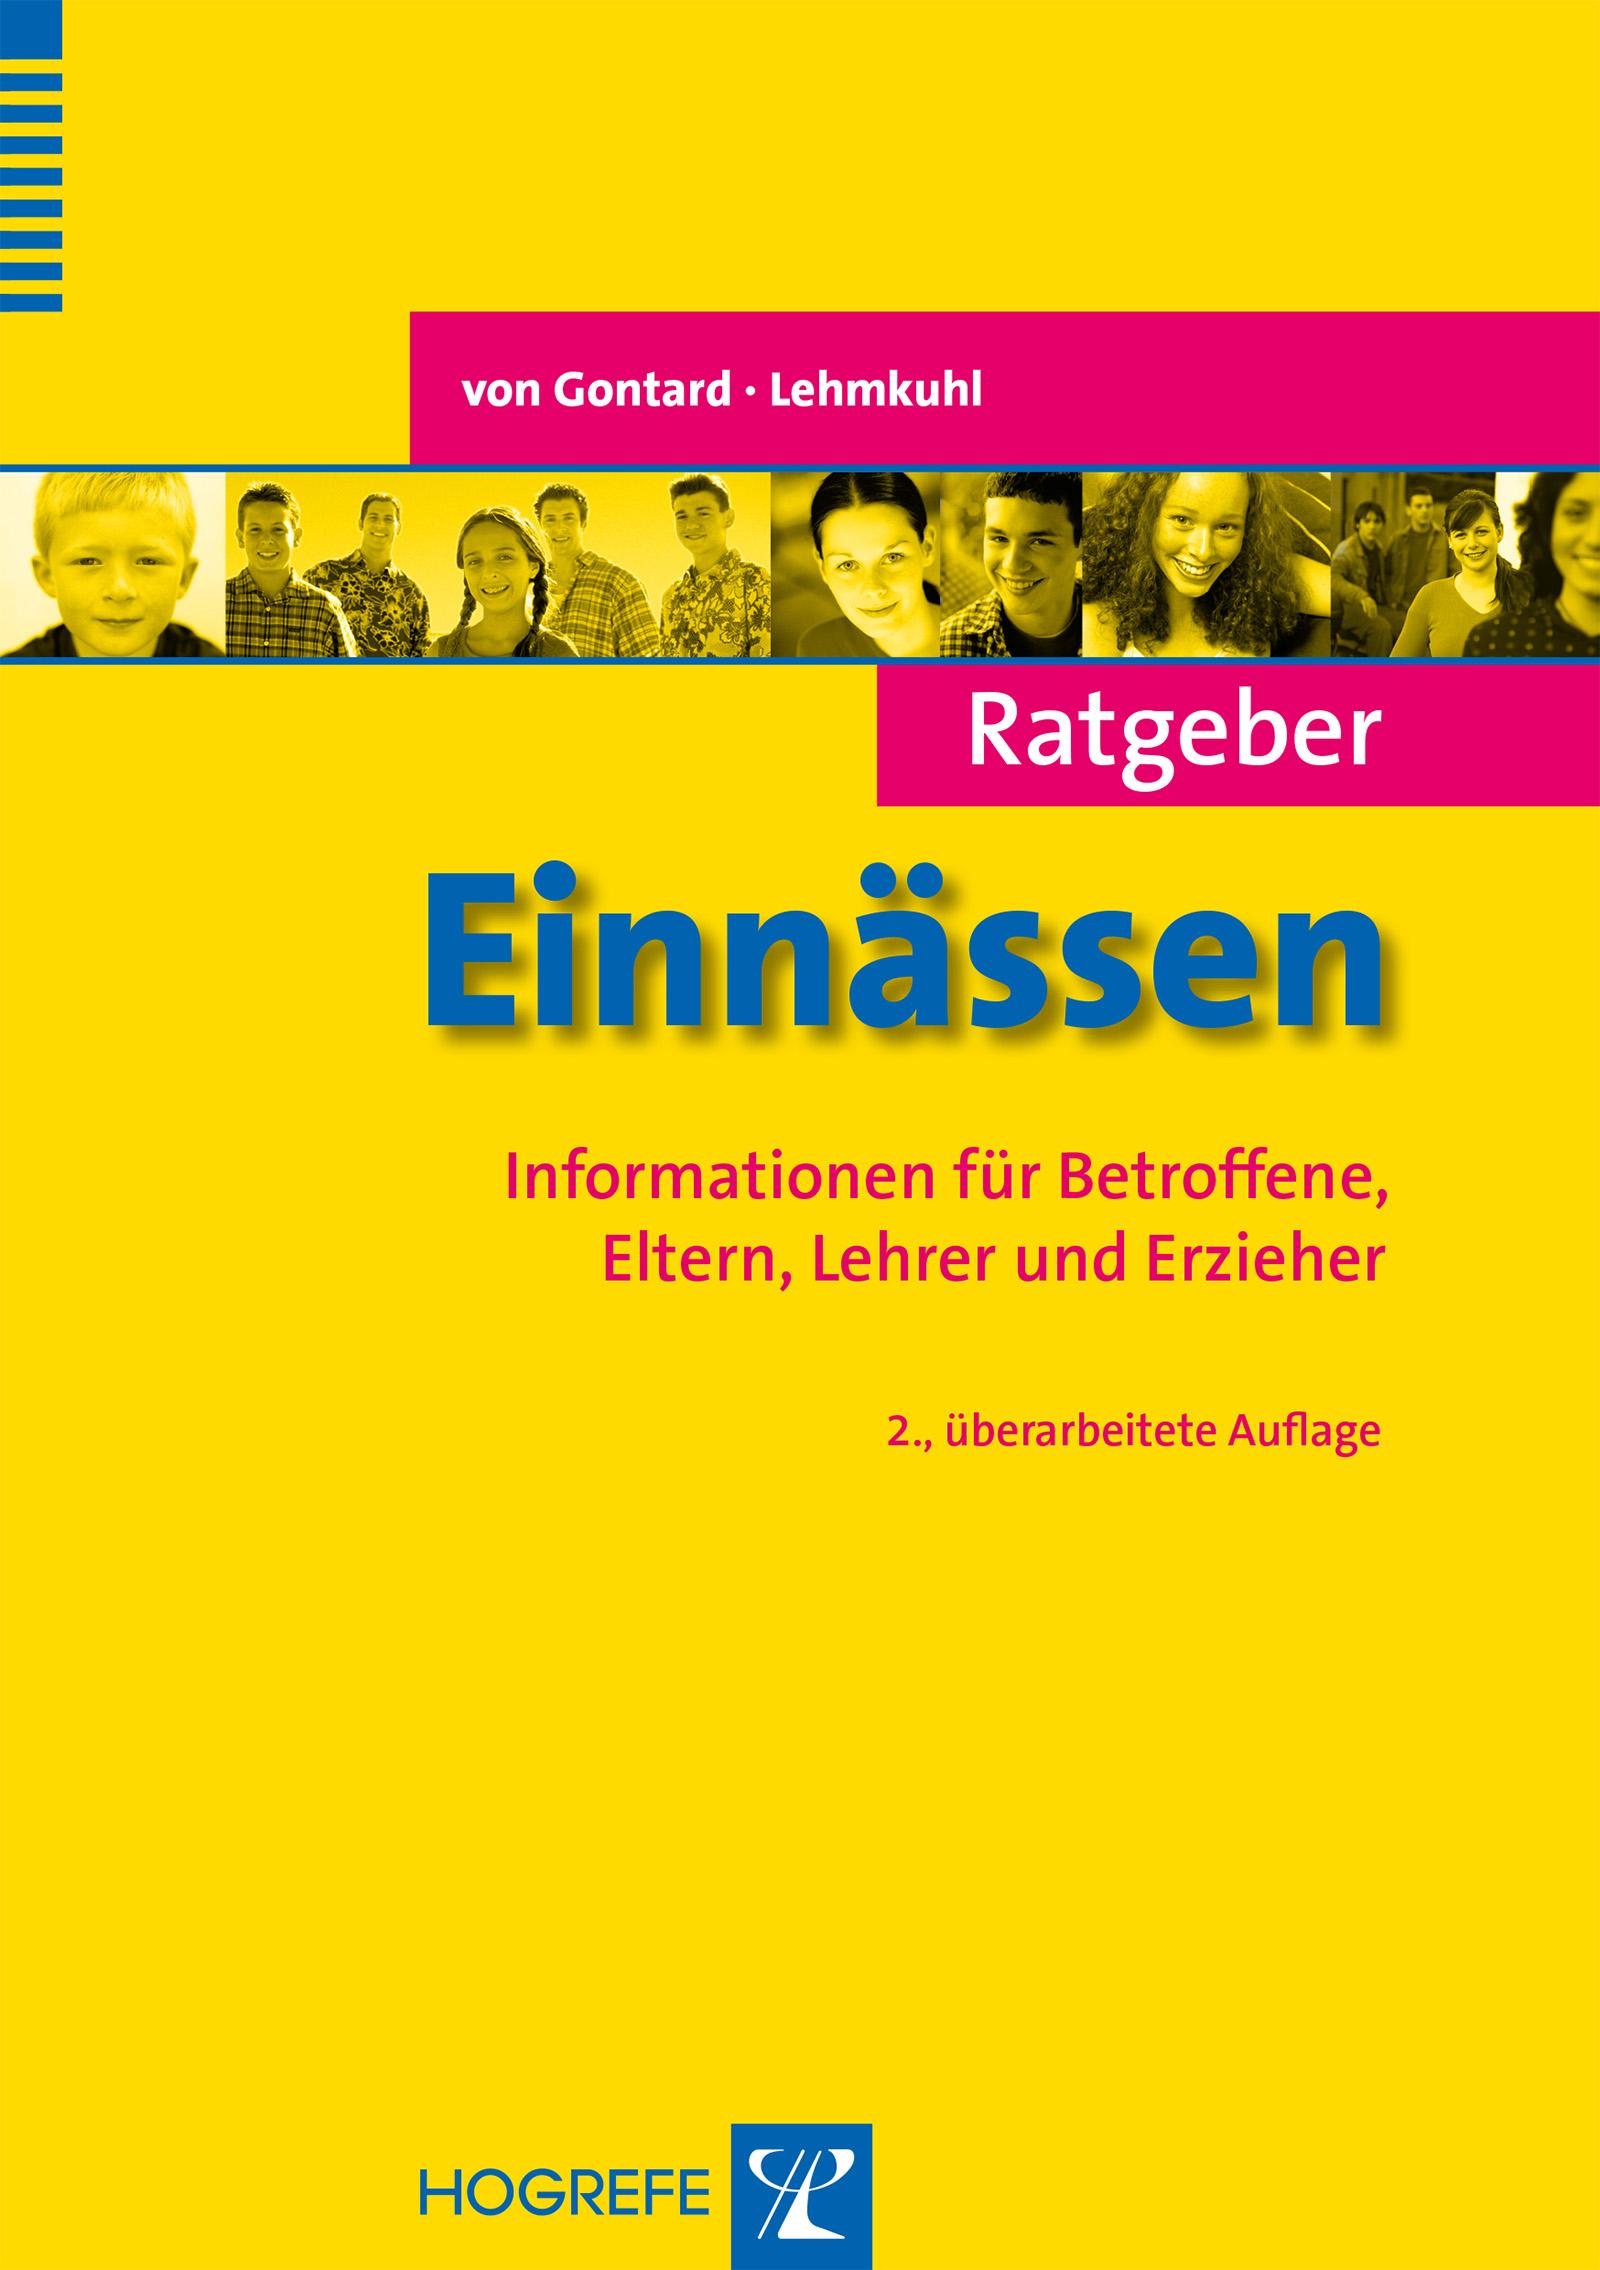 Ratgeber Einnässen: Informationen für Betroffene, Eltern, Lehrer und Erzieher - Alexander von Gontard